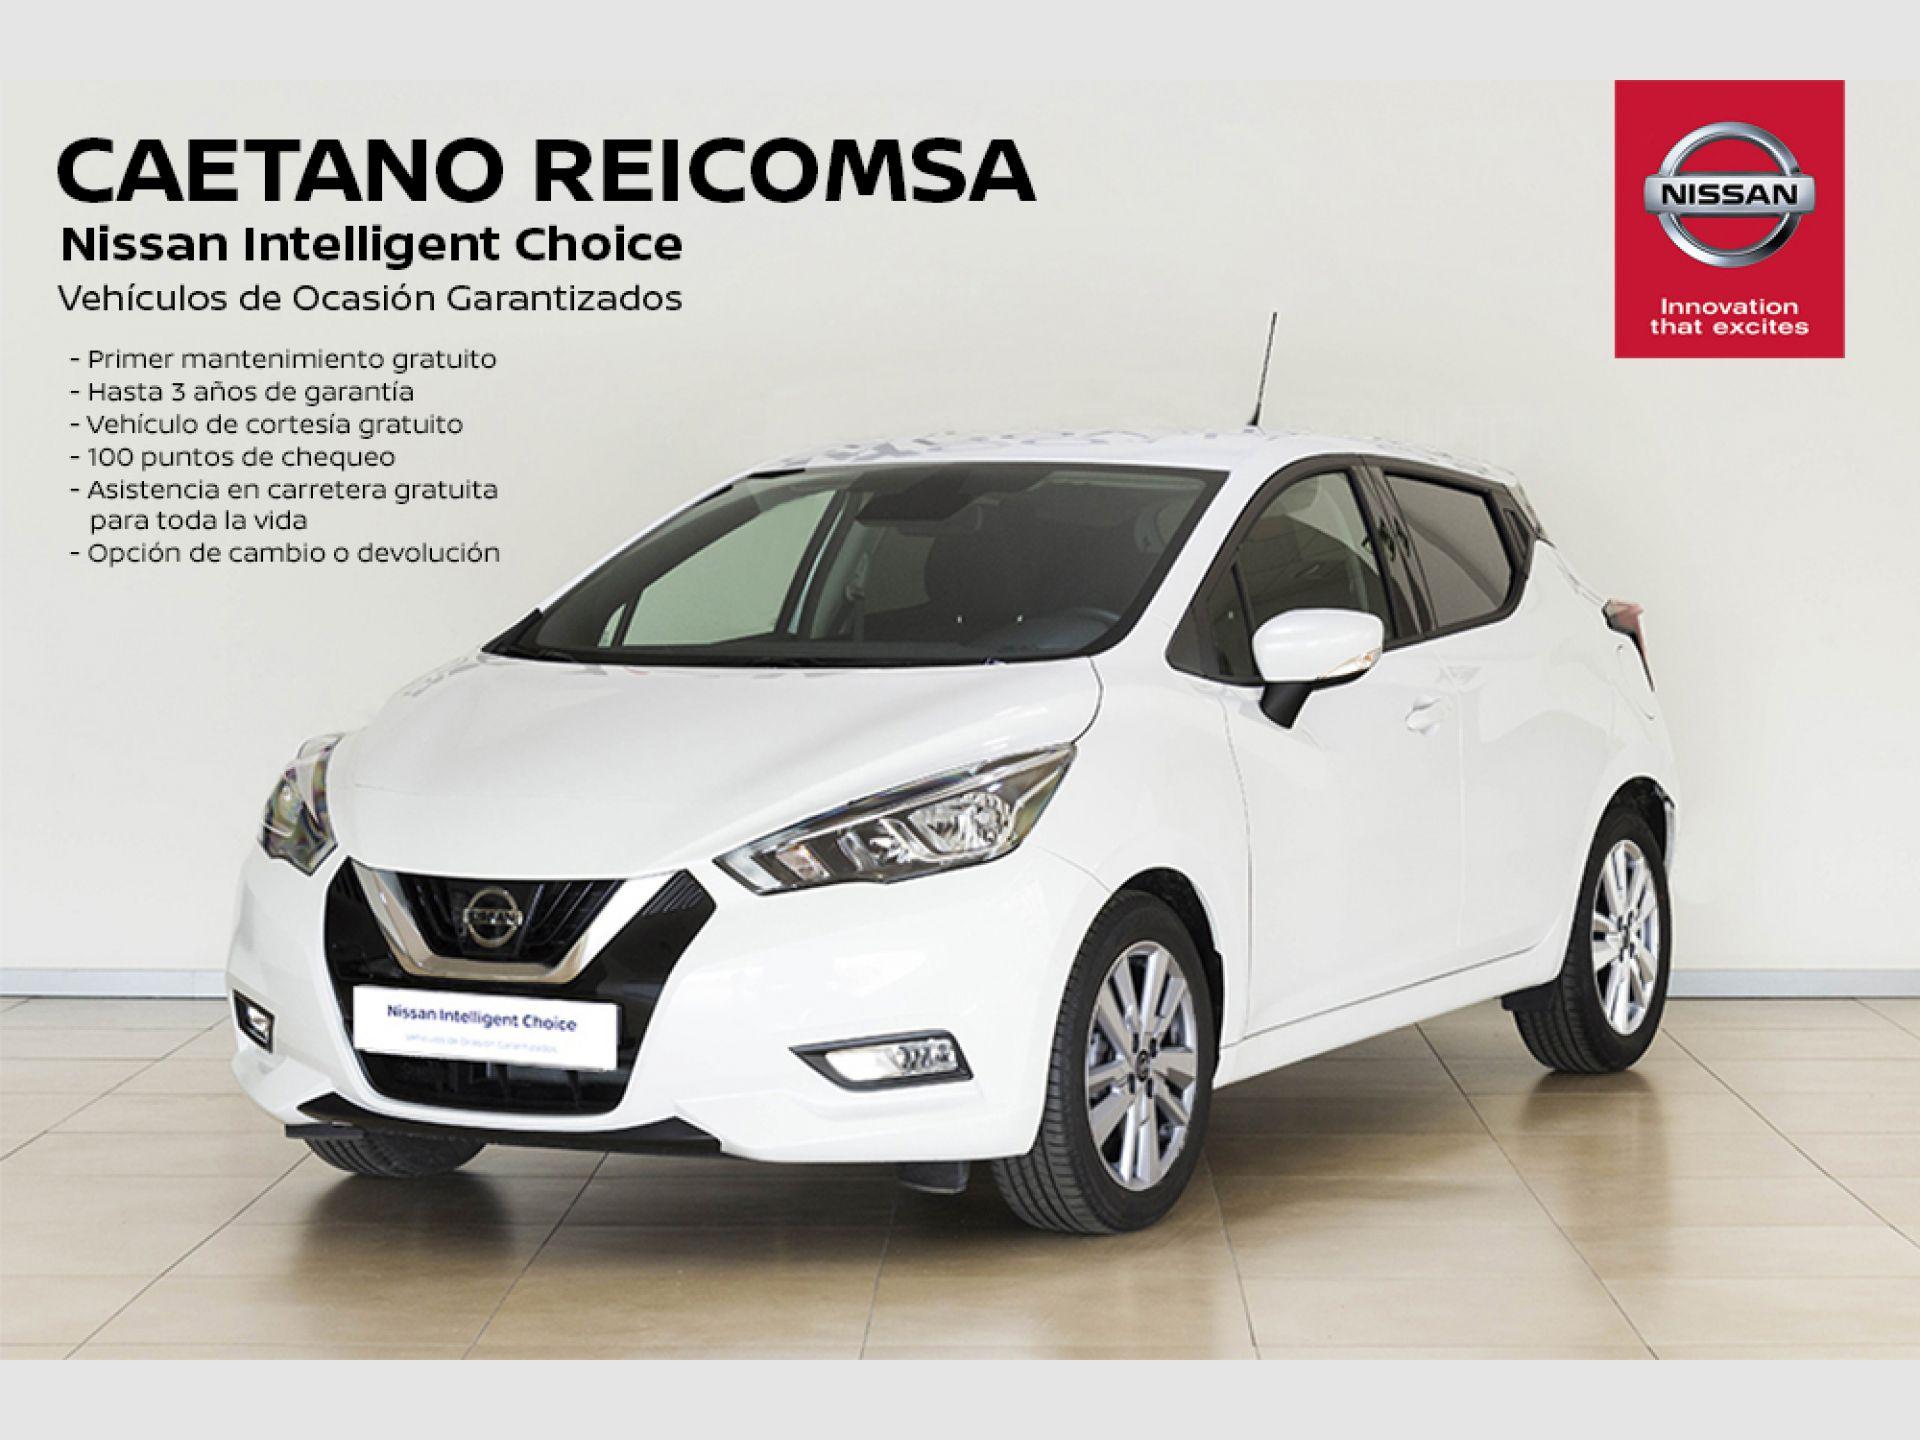 Nissan Micra IG-T 74 kW (100 CV) E6D Acenta segunda mano Madrid